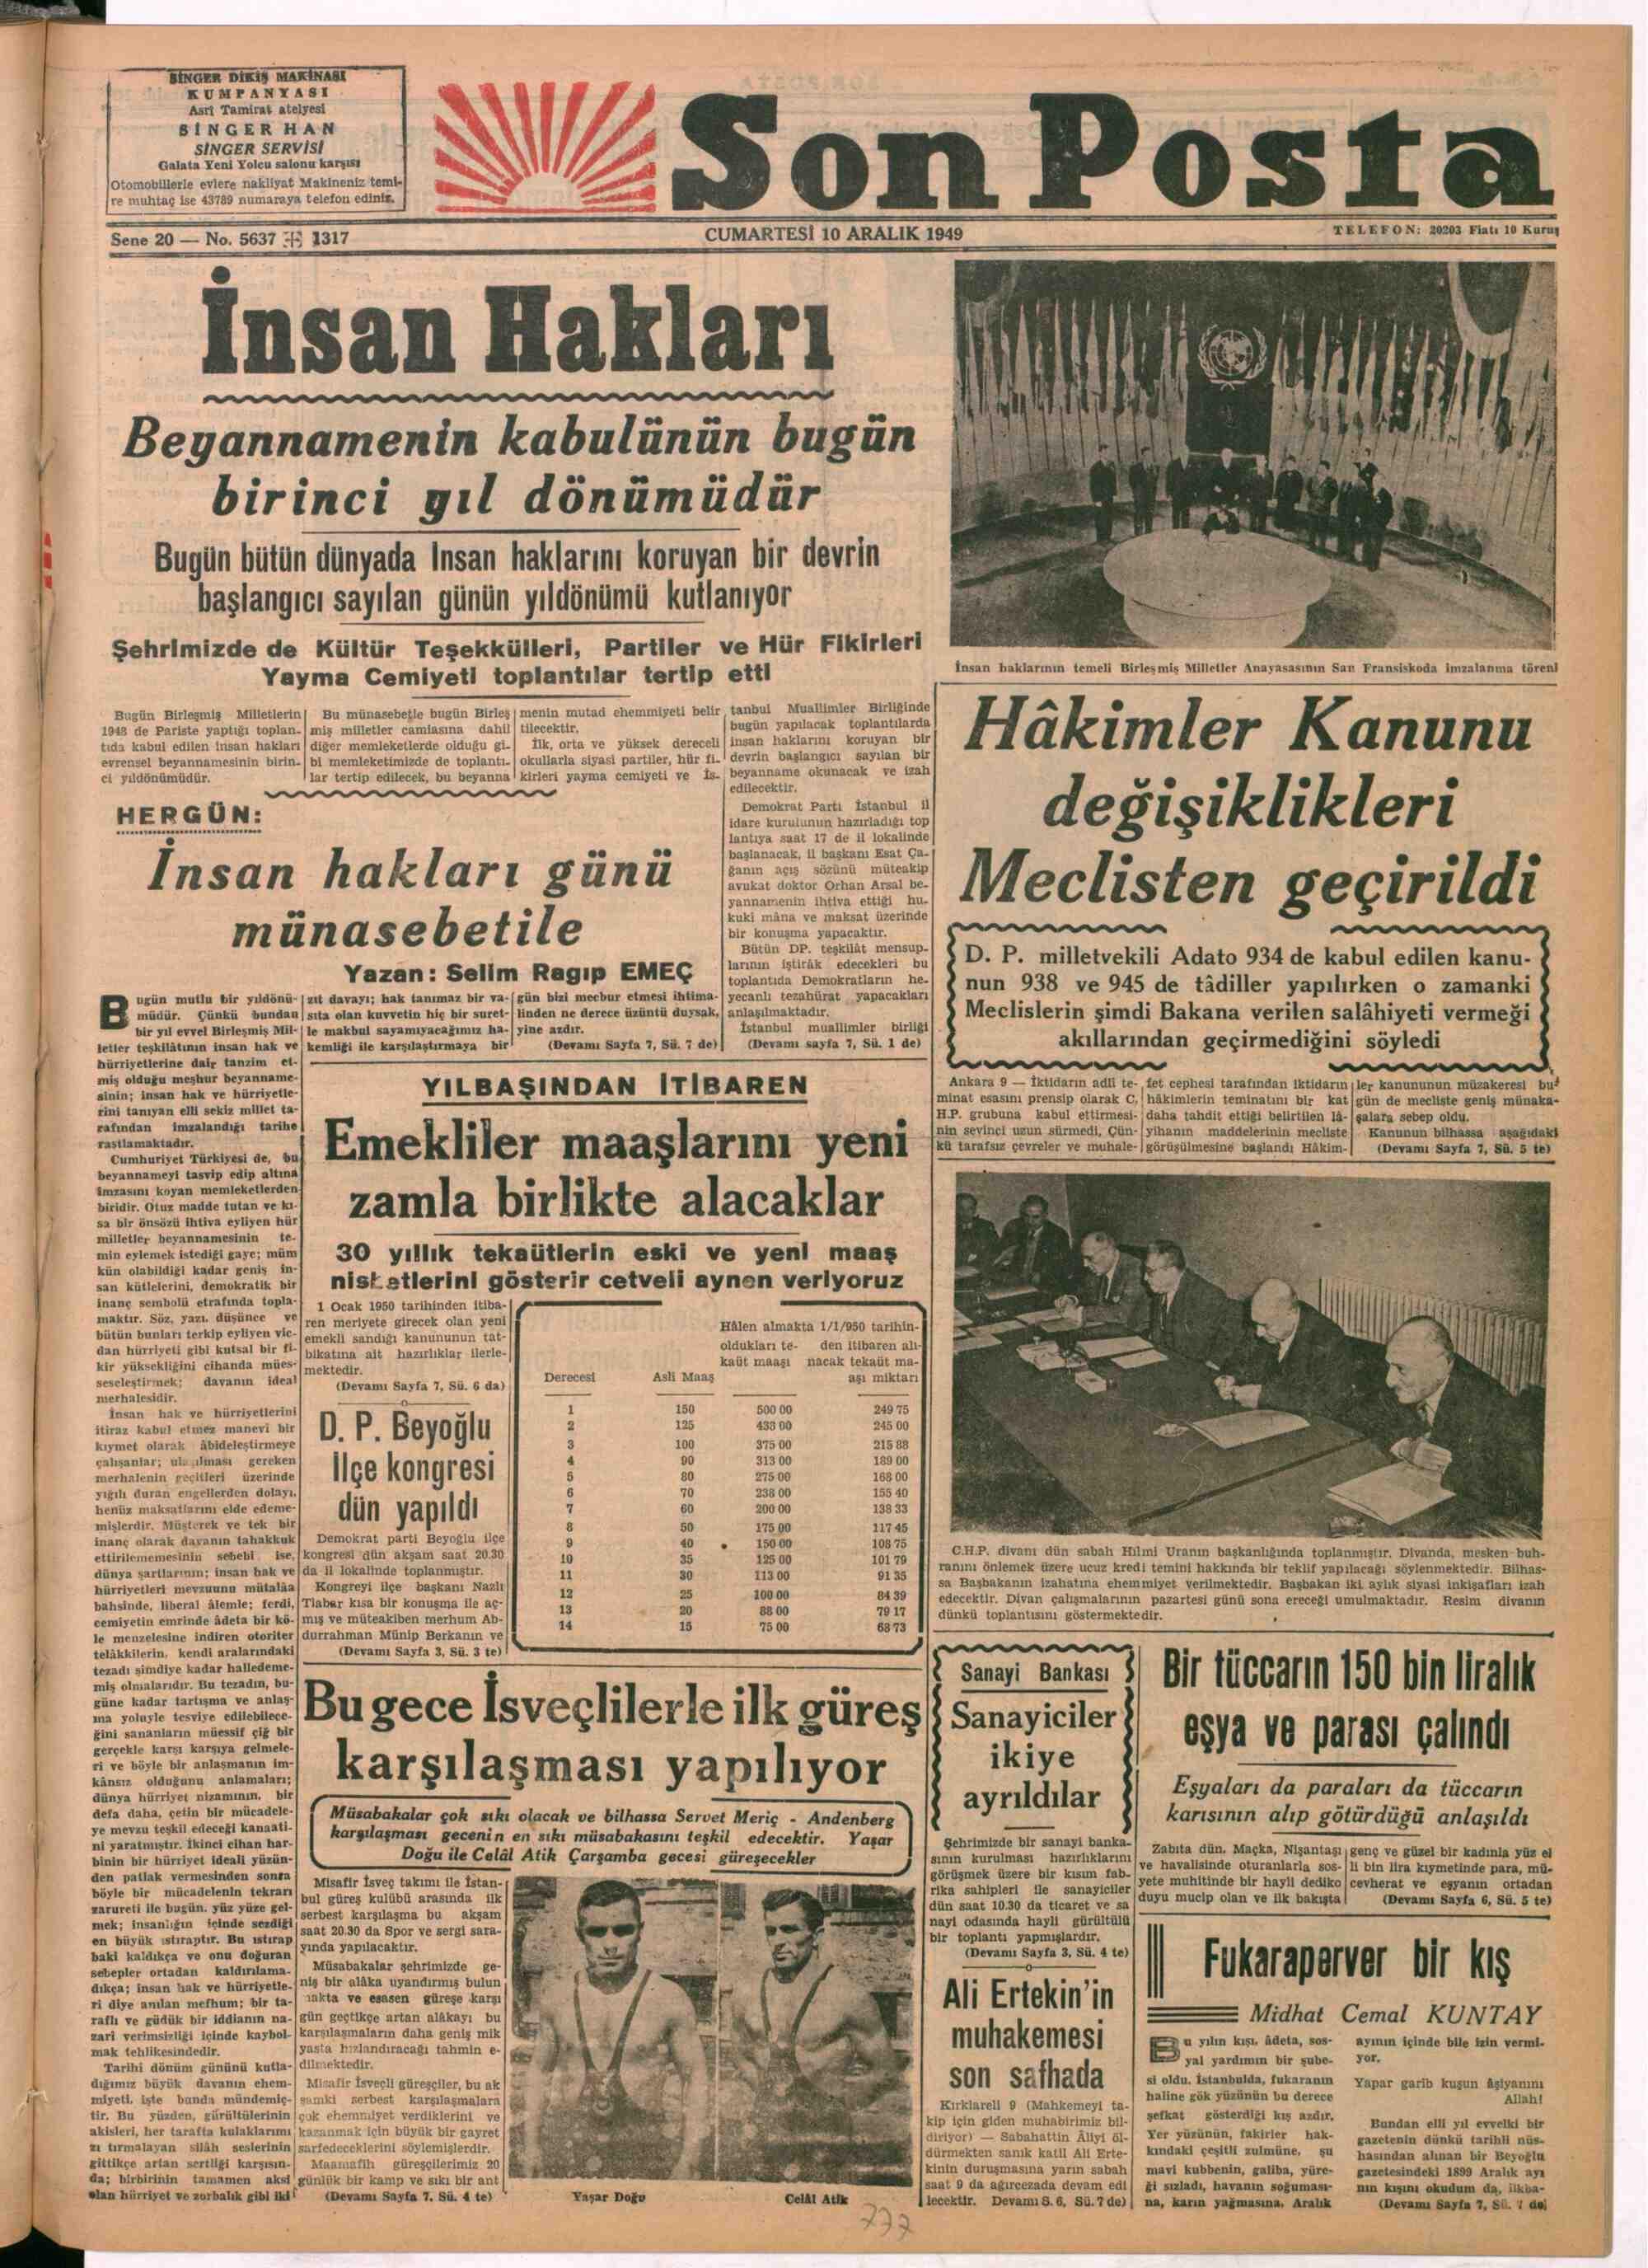 December 10, 1949 Tarihli Son Posta Gazetesi Sayfa 1